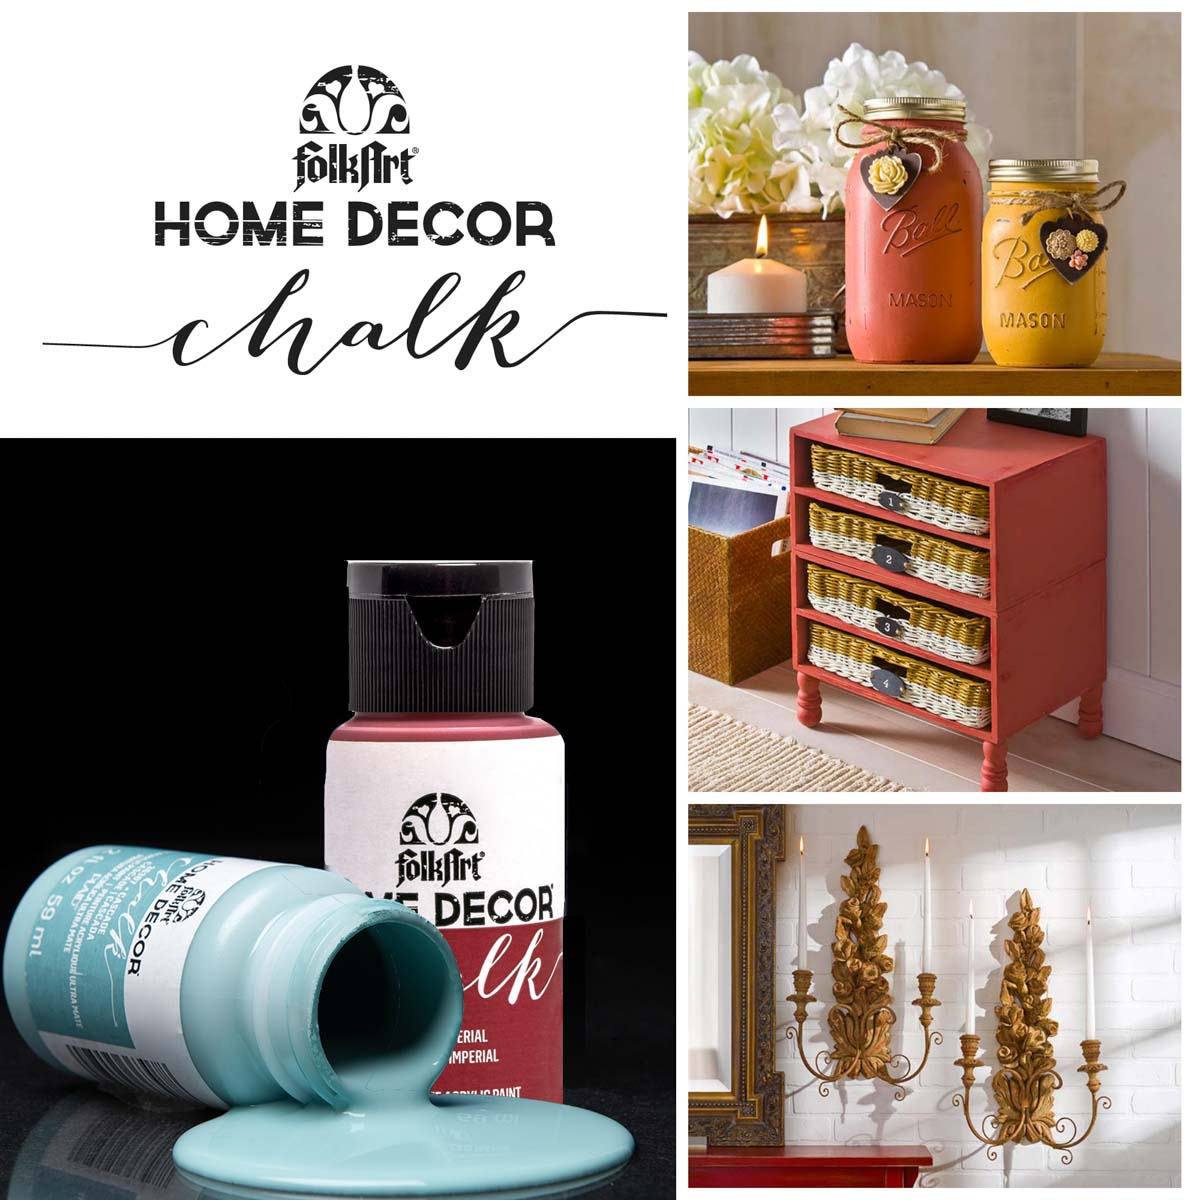 FolkArt Home Decor Chalk - Blushed Pink, 2 oz. - 36208